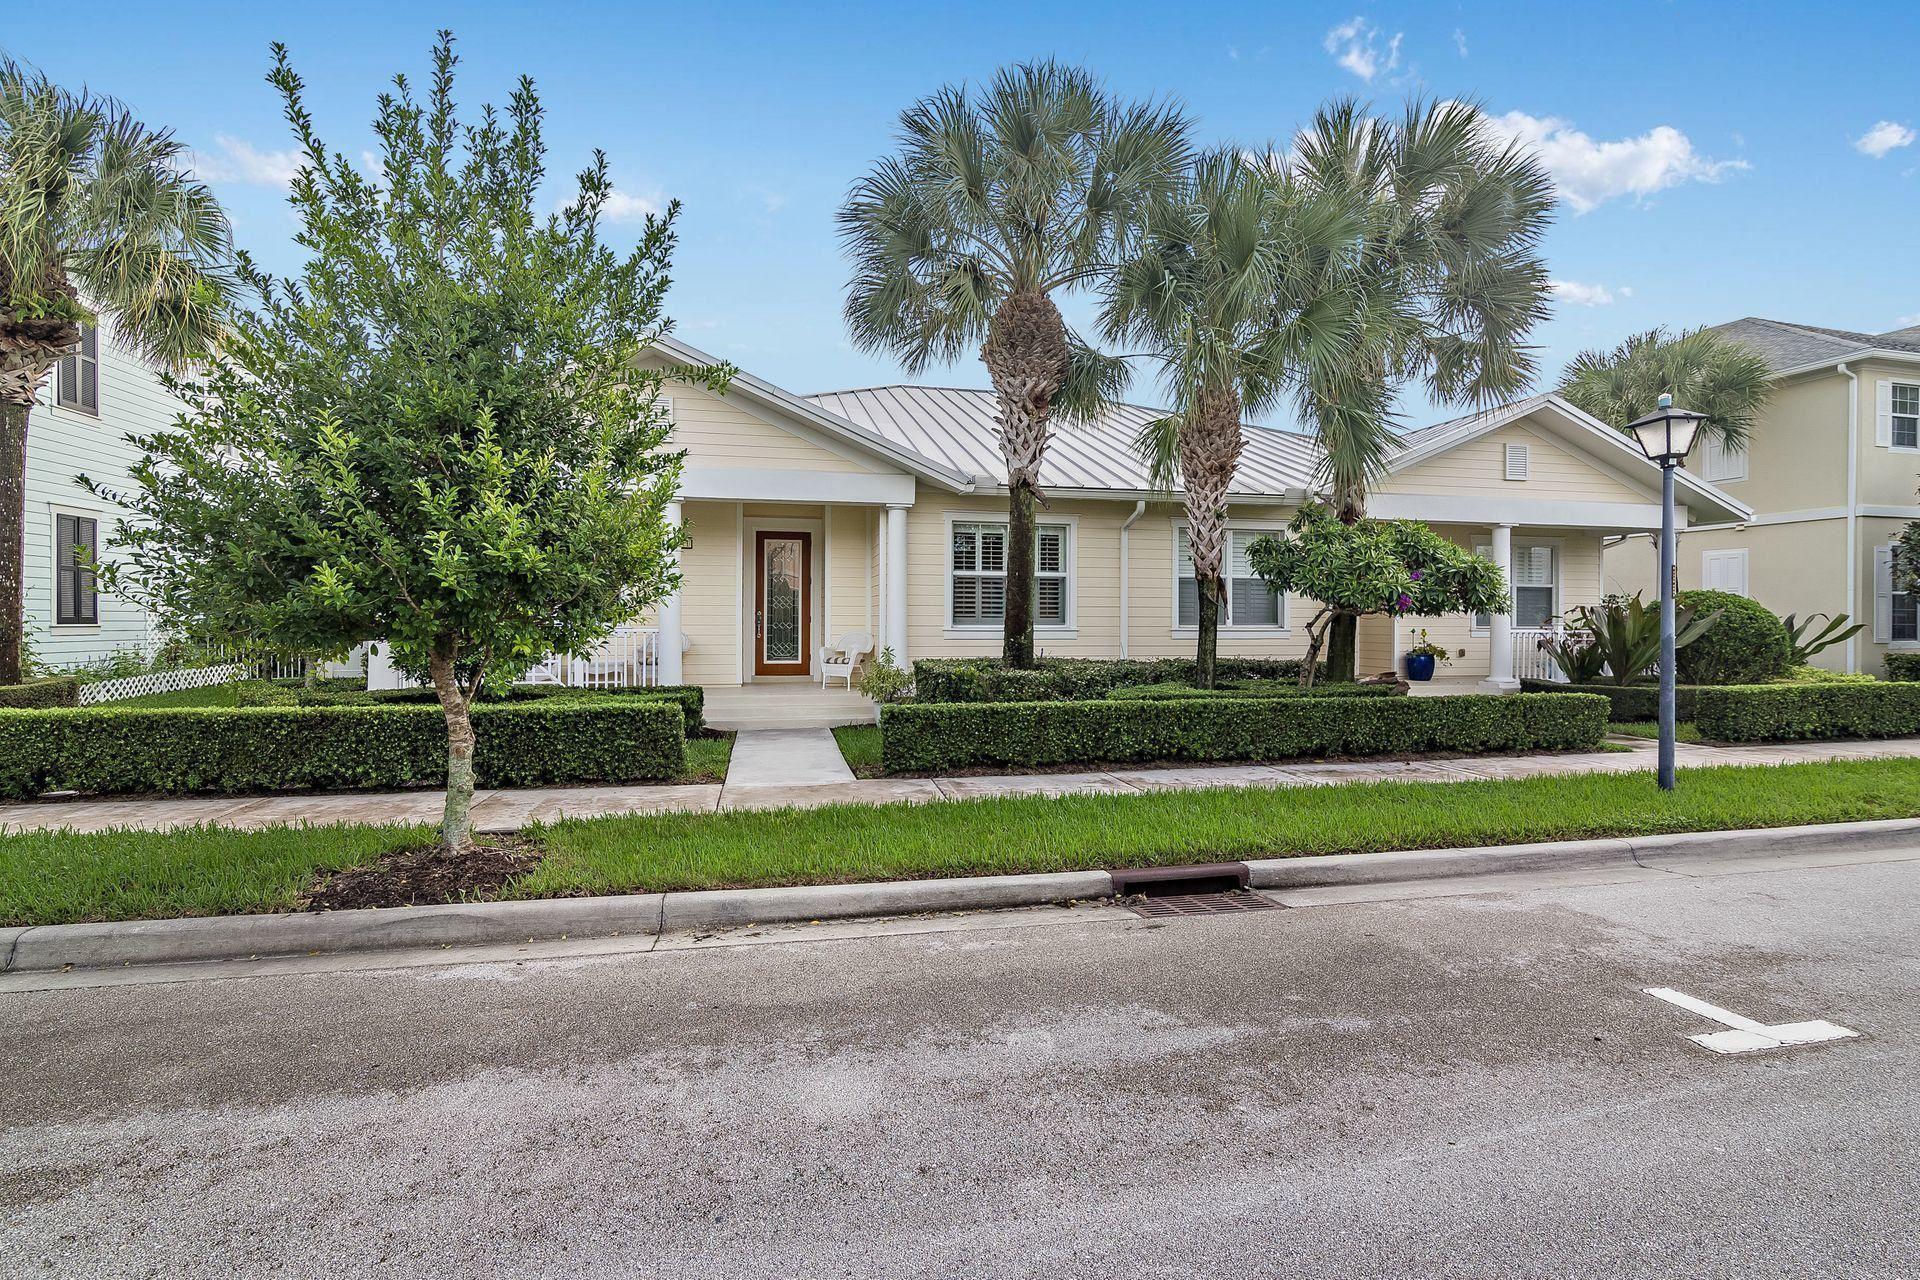 Photo of 3311 Duncombe Drive, Jupiter, FL 33458 (MLS # RX-10666252)